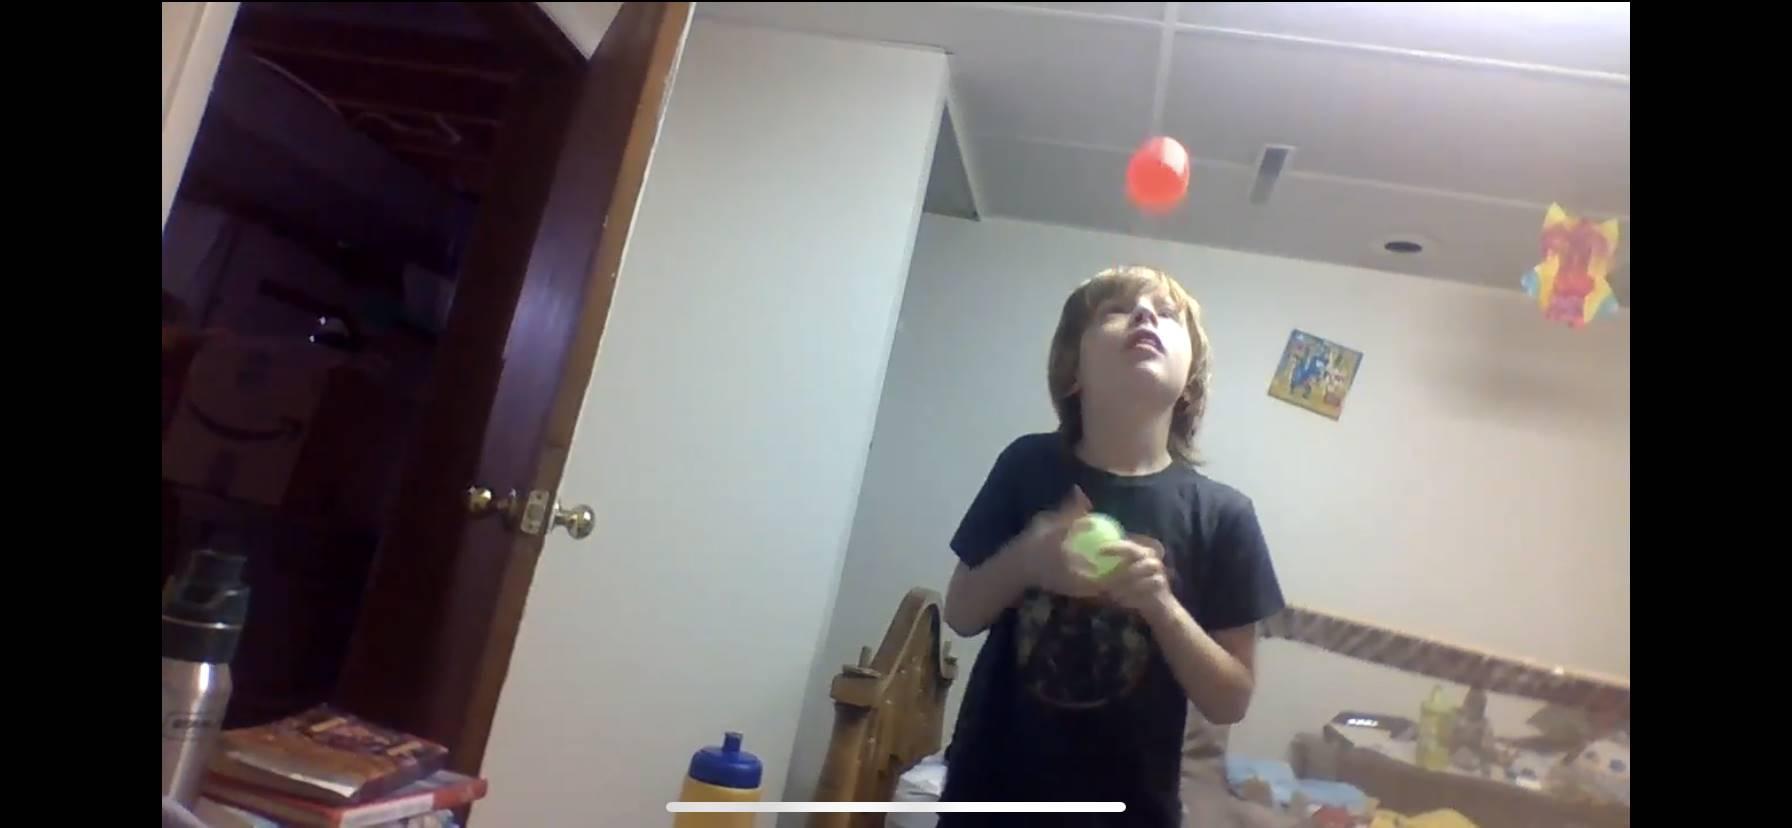 Boy Juggling